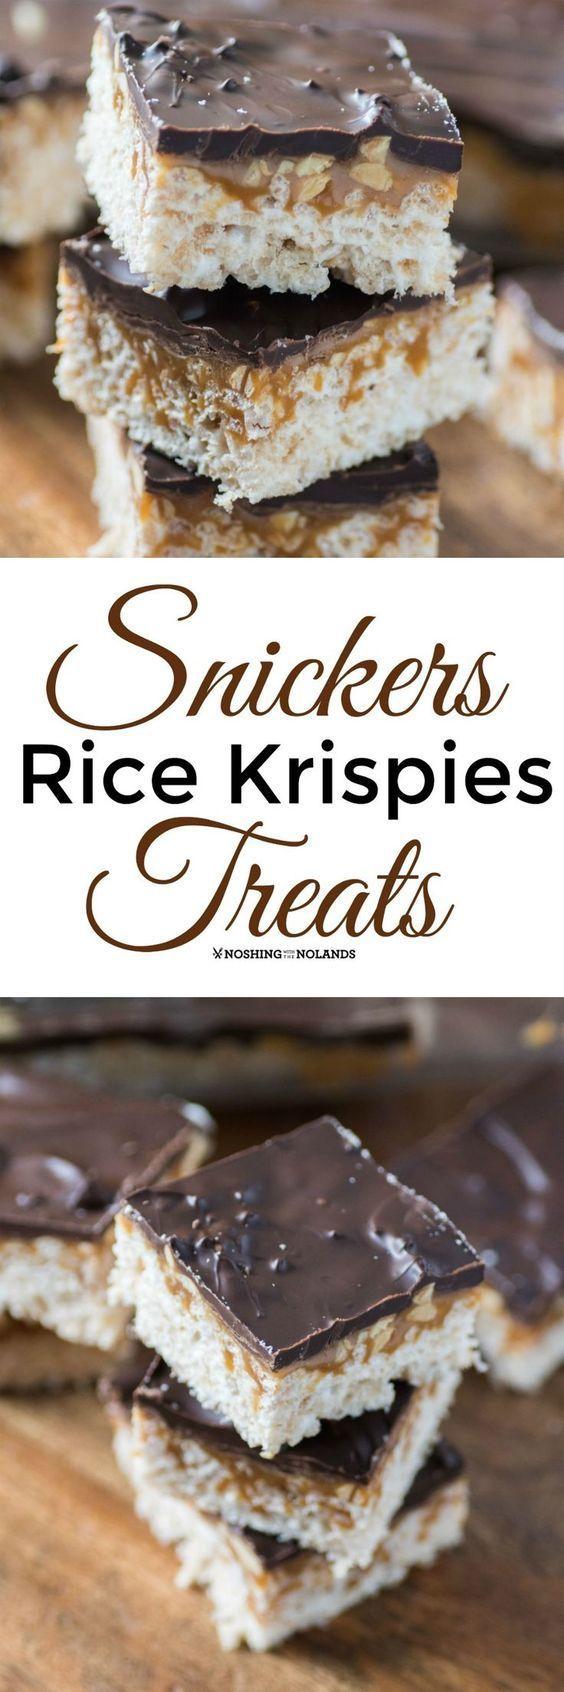 snickers recept rice krispies